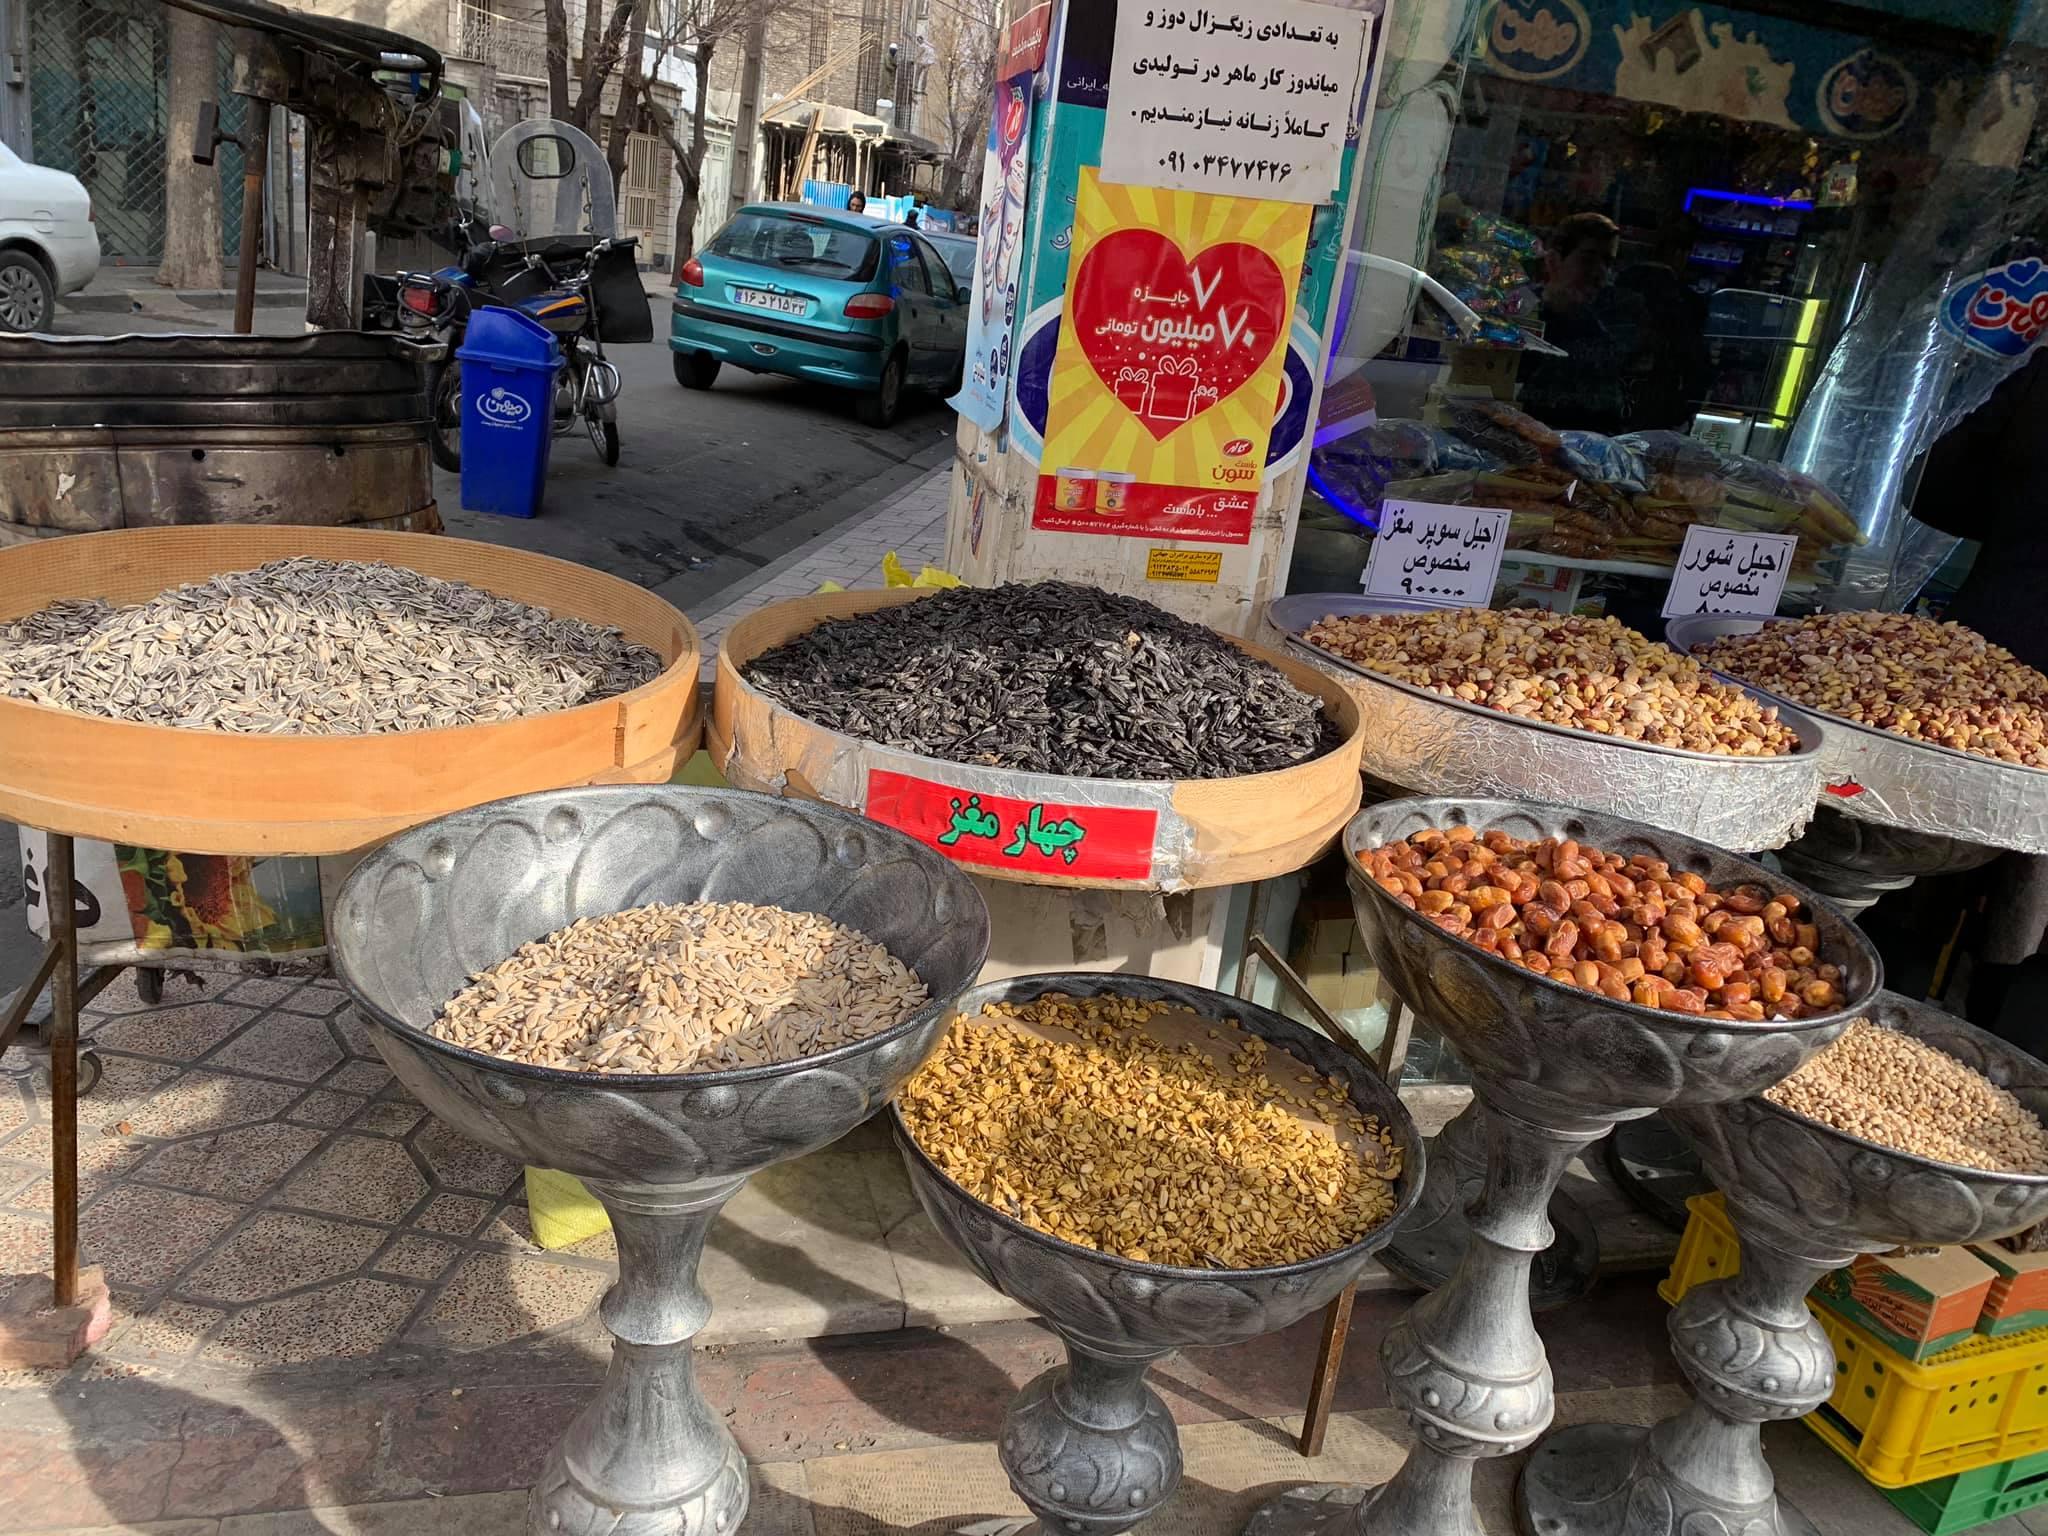 Persian snacks